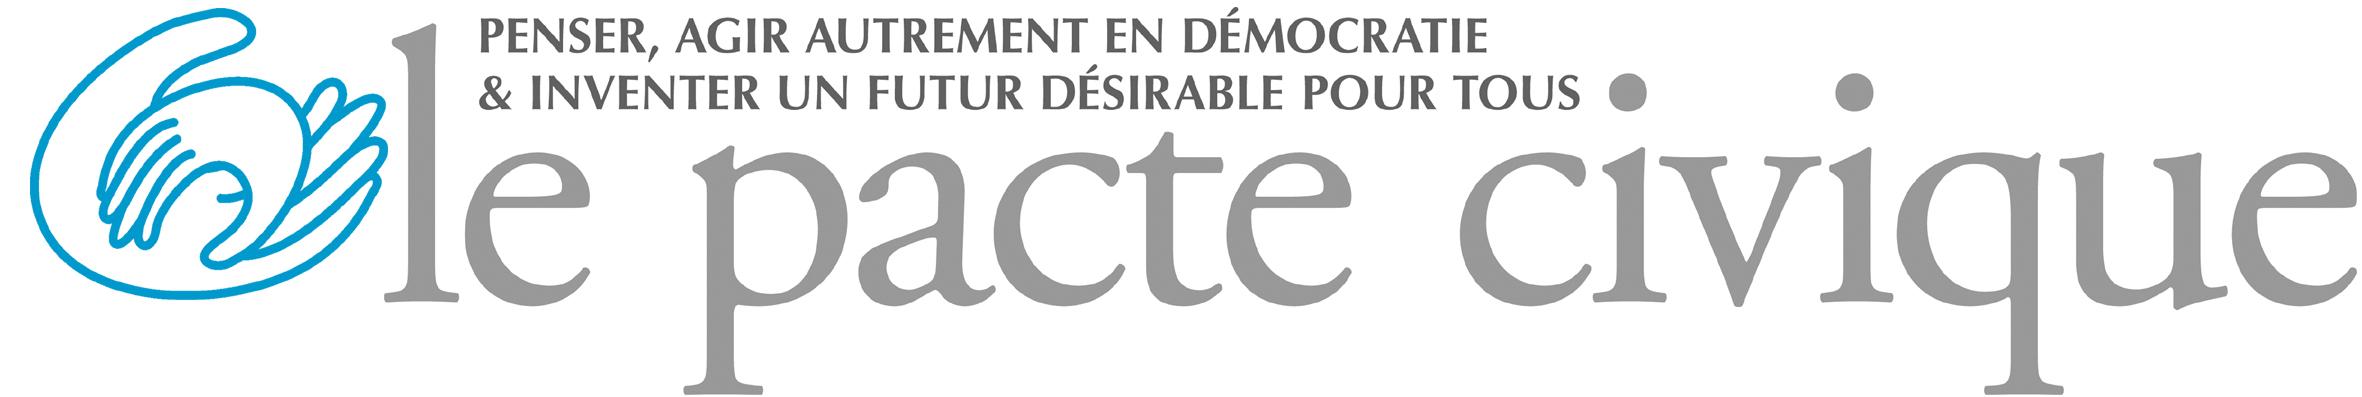 Guides élections présidentielles 2017 Pacte civique